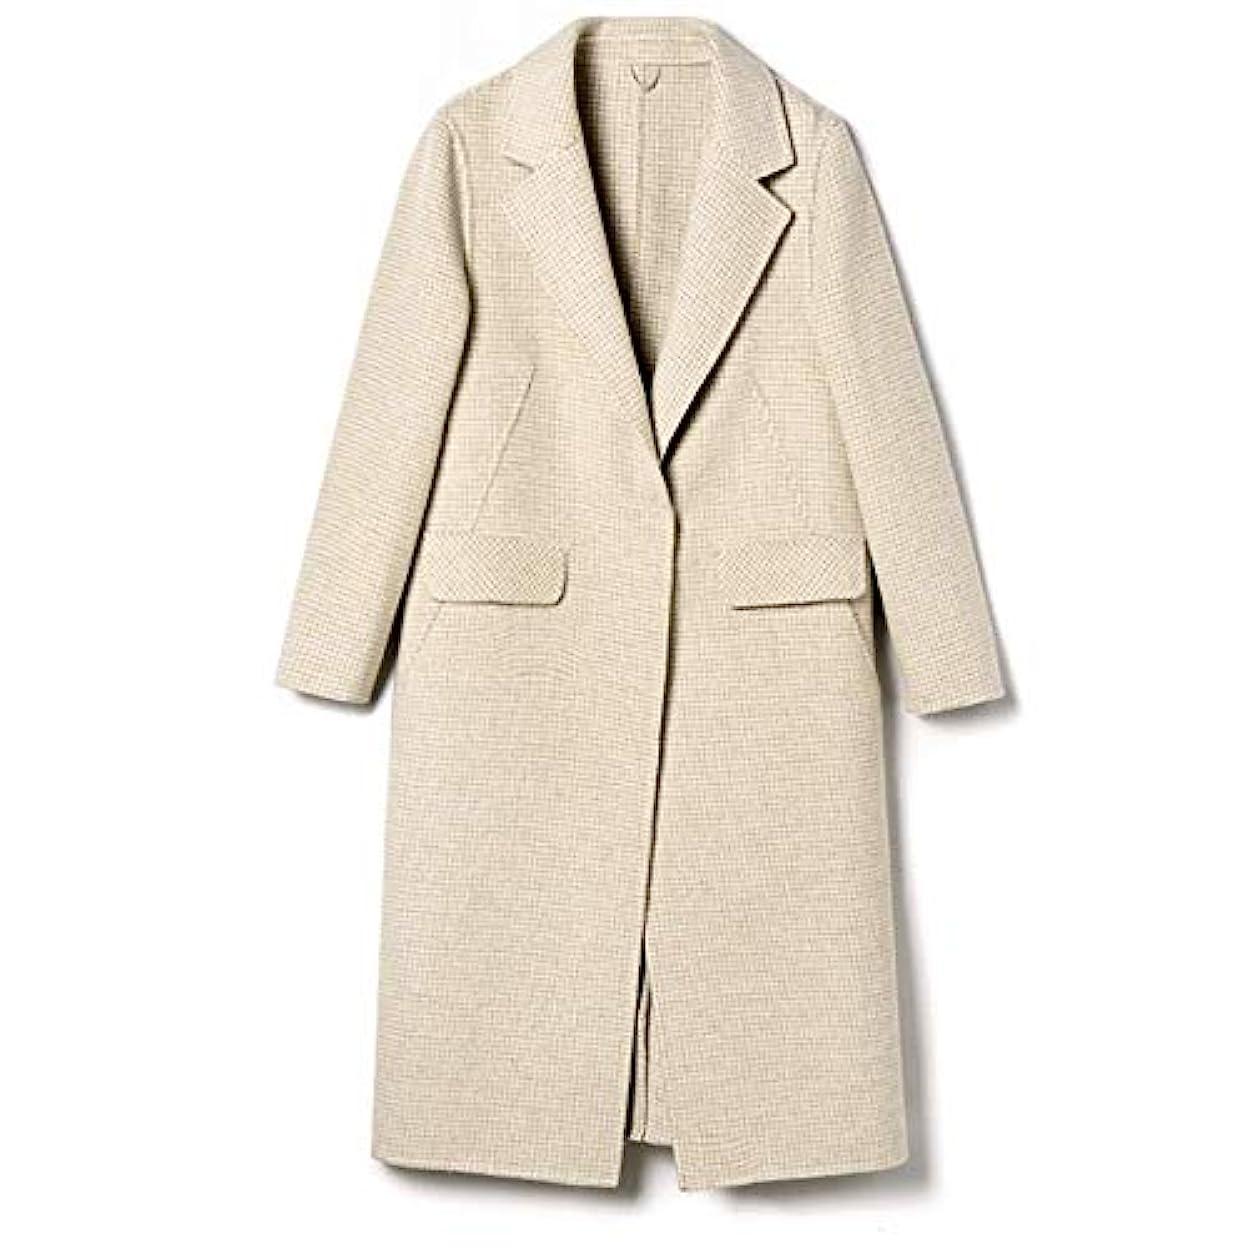 どっちでも幻影悲観主義者秋と冬の新しいウールコート、ハンドメイド両面カシミヤコート長いセクションの女性ウールコートレディースジャケットレディースウインドブレーカージャケット,C,XL